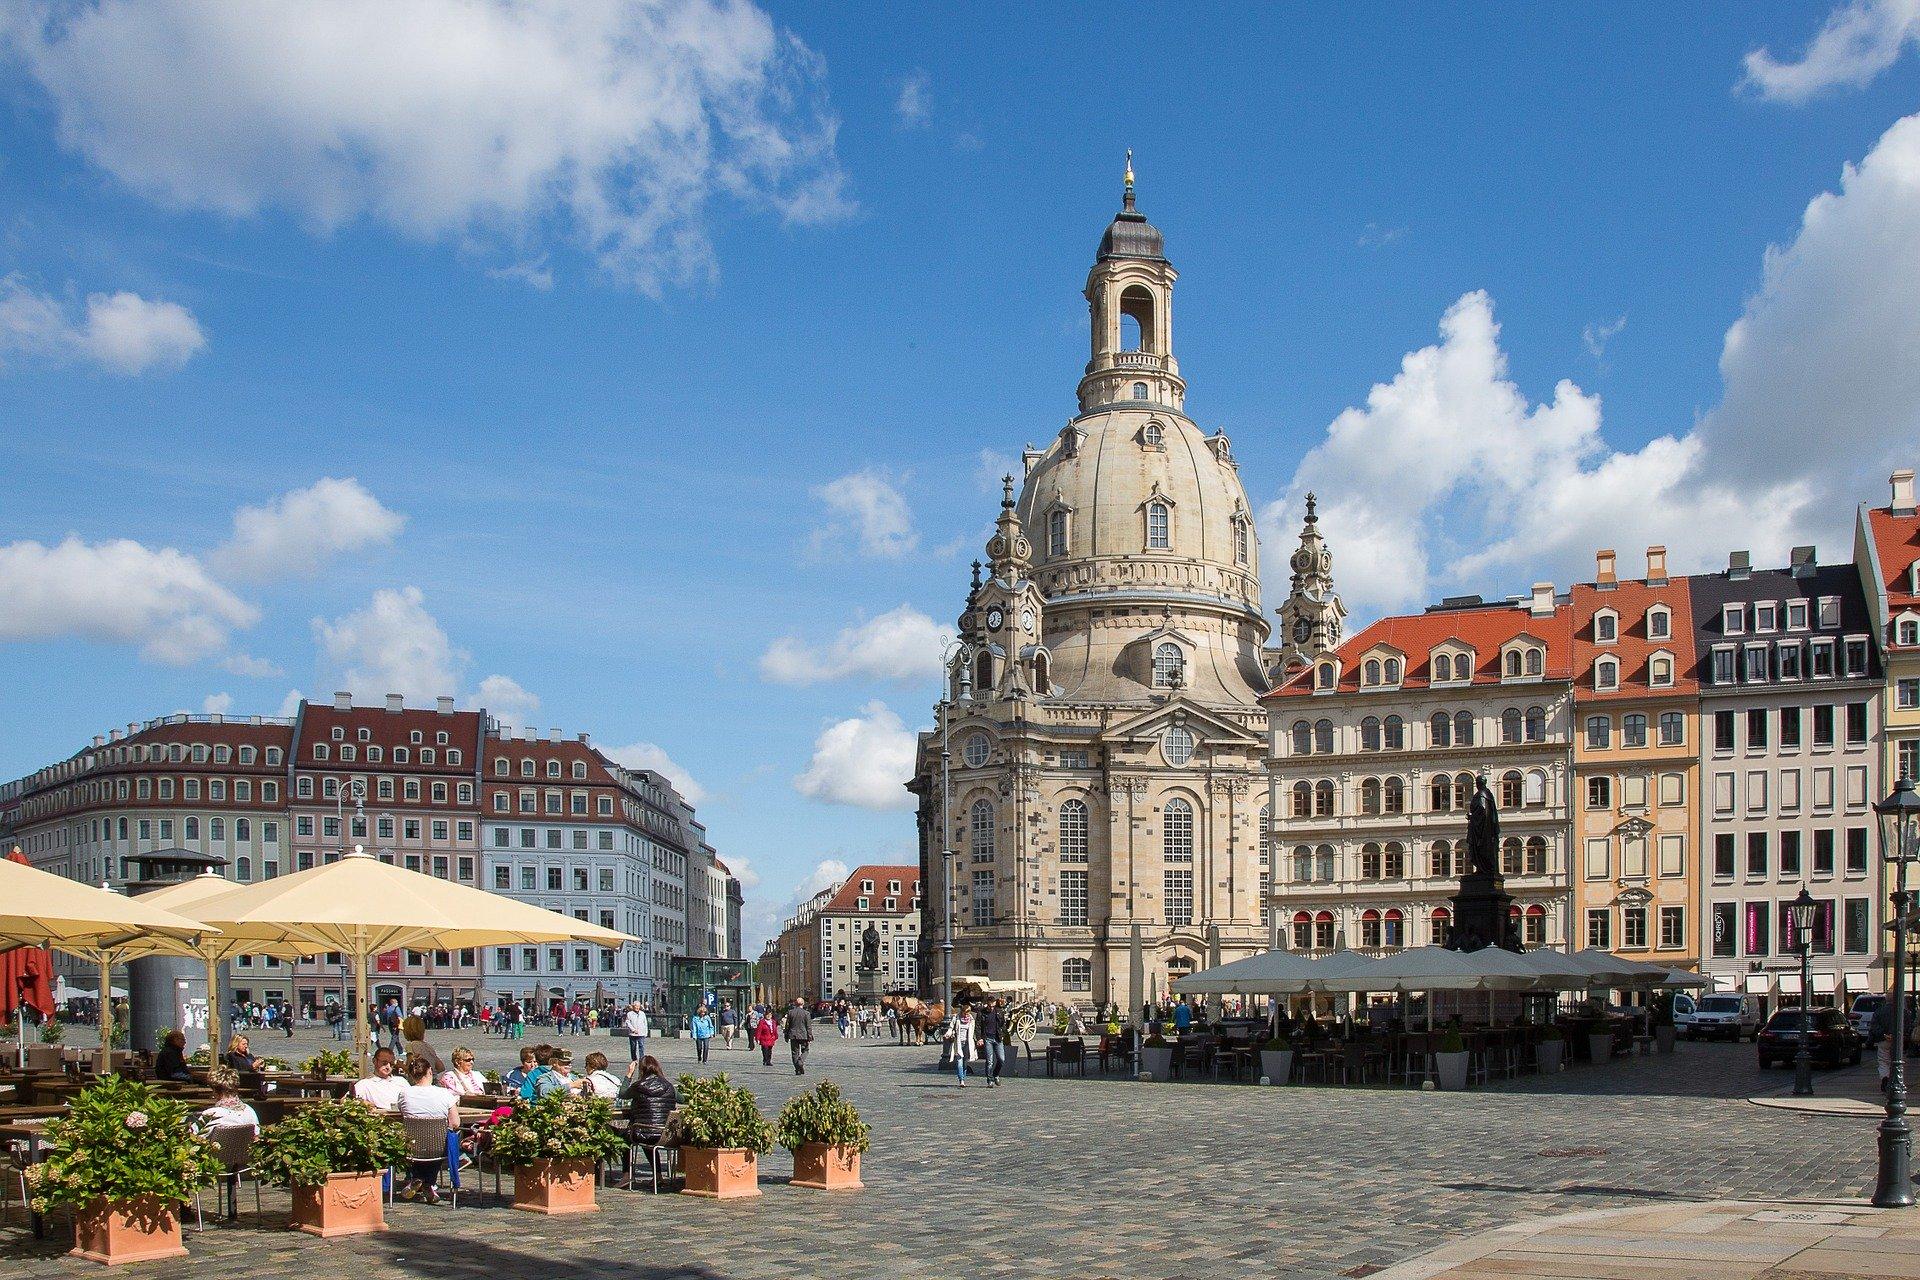 Frauenkirche aan de Neumarkt in Dresden